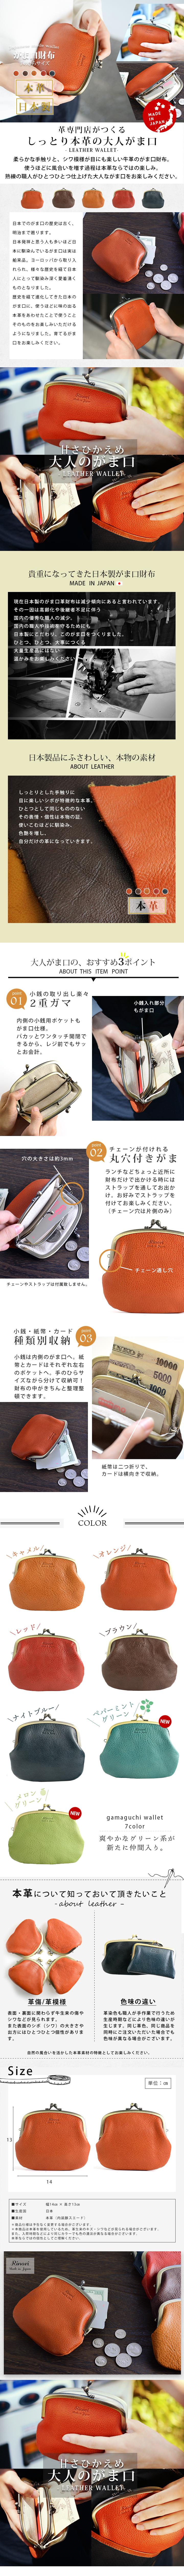 がま口財布本革日本製